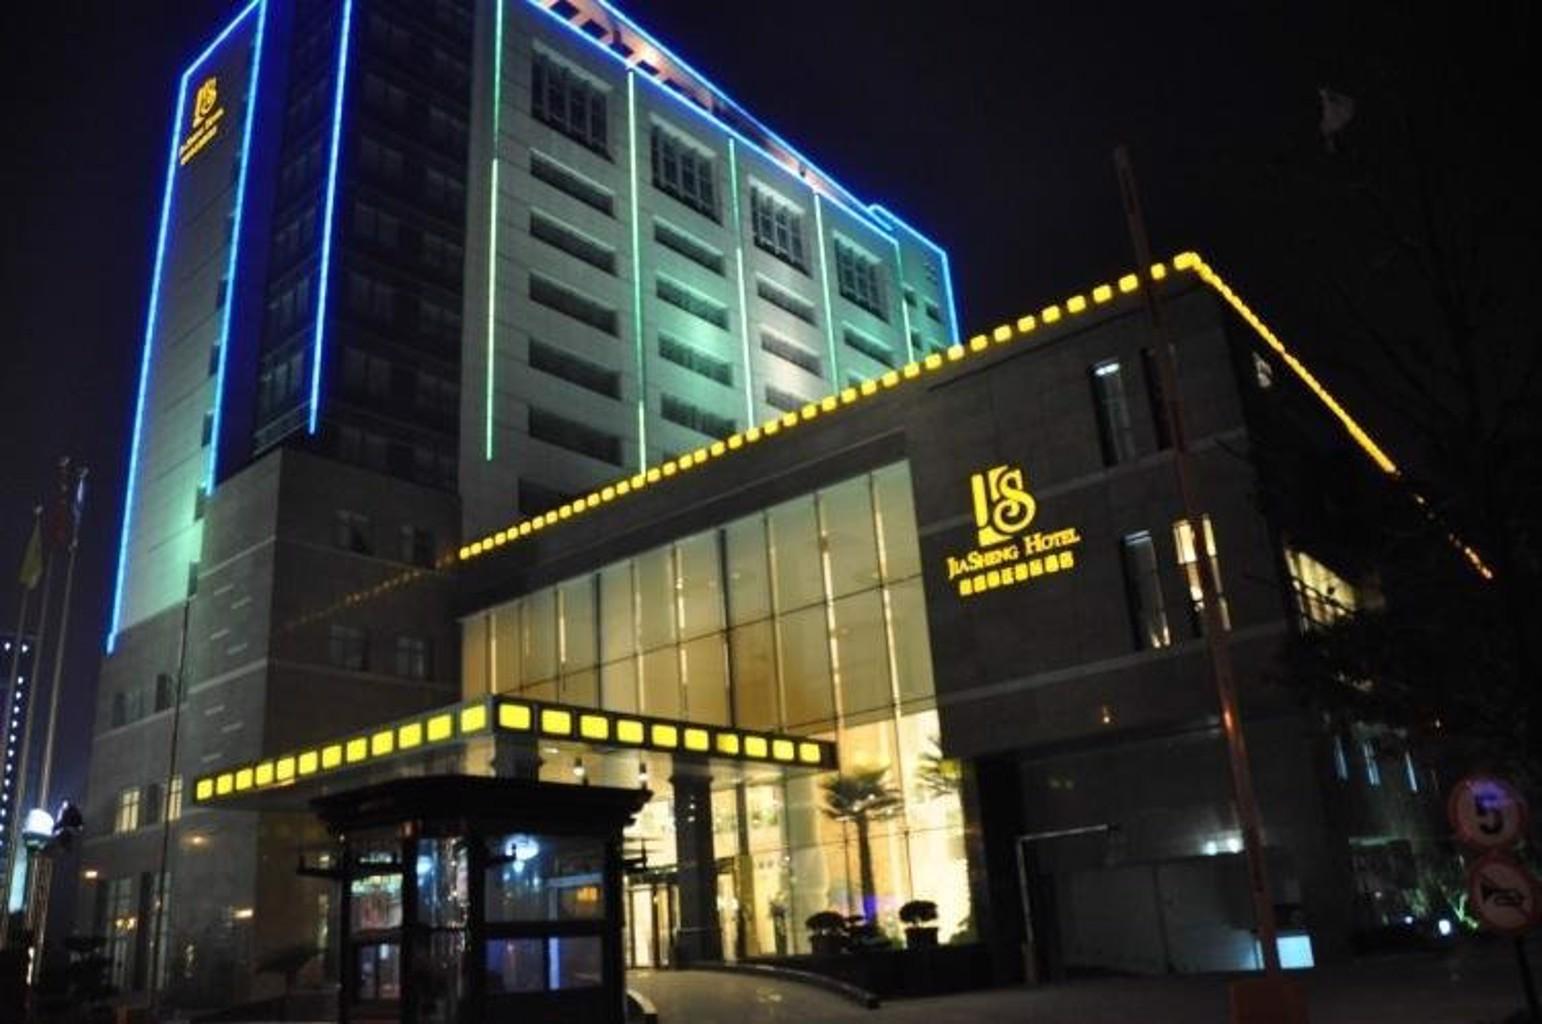 Suzhou Jia Sheng Palace Hotel